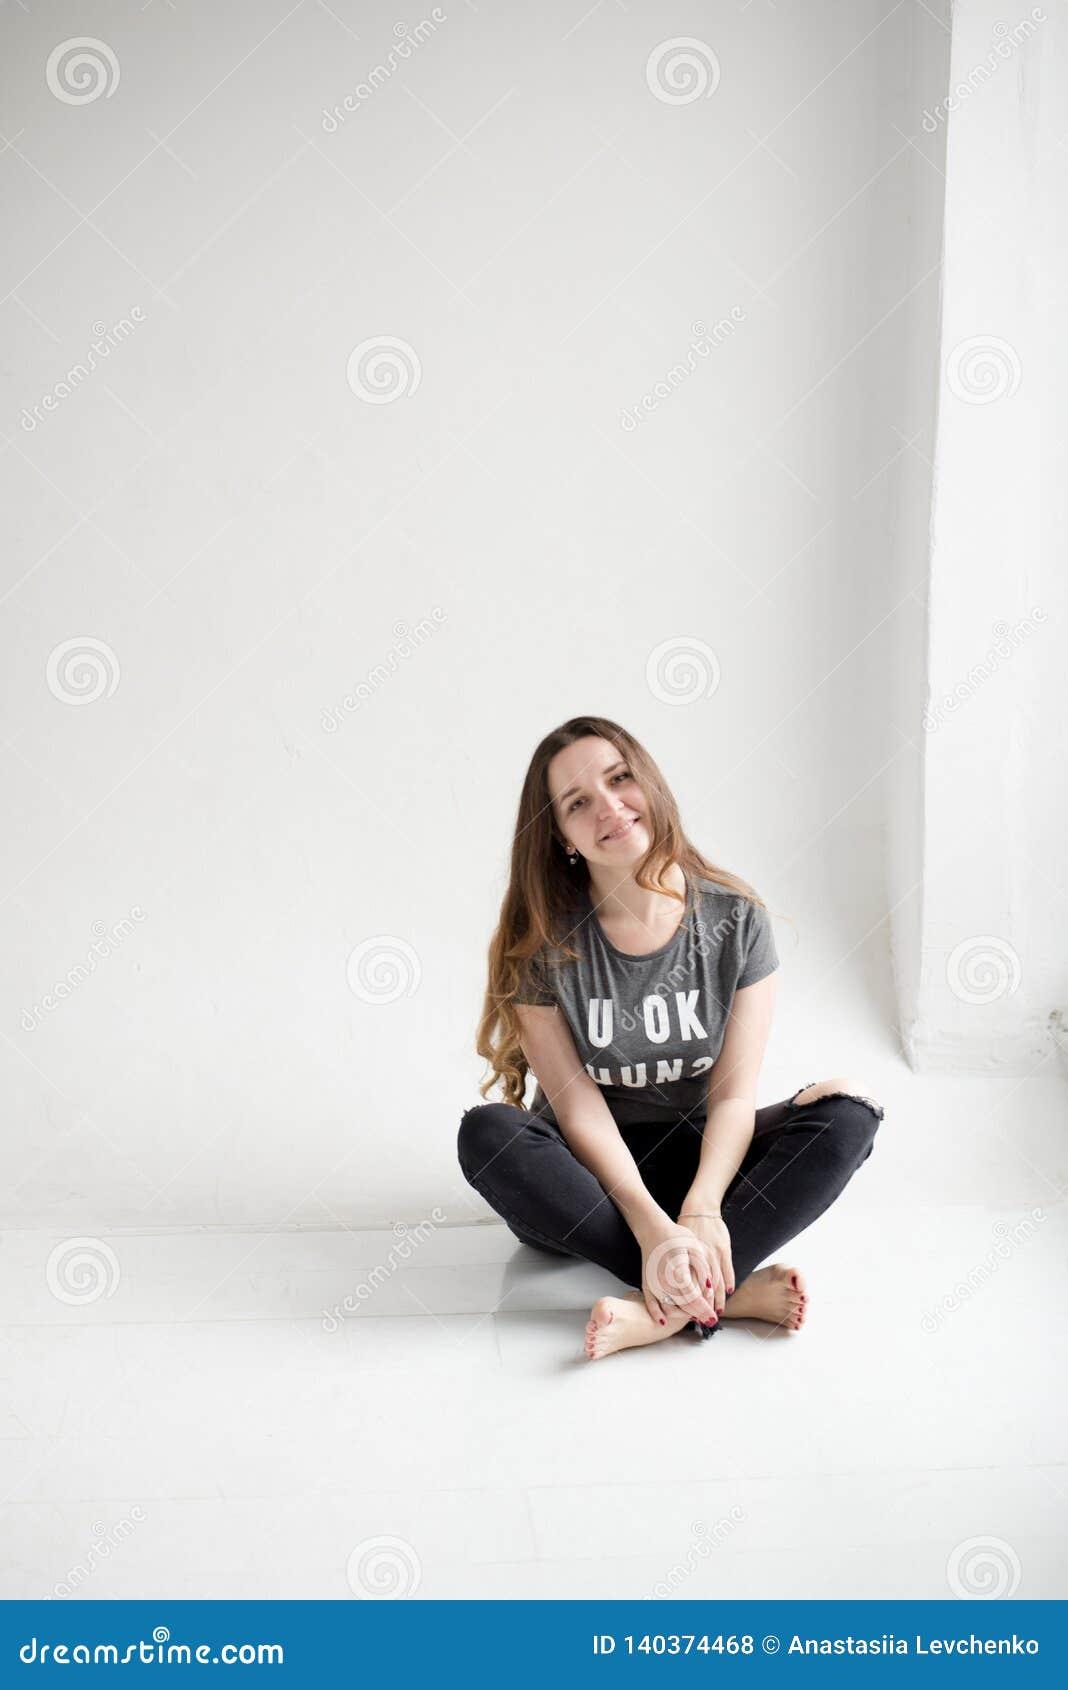 Porträt eines lächelnden jungen Mädchens, das mit den Beinen gekreuzt lokalisiert auf weißem Hintergrund sitzt